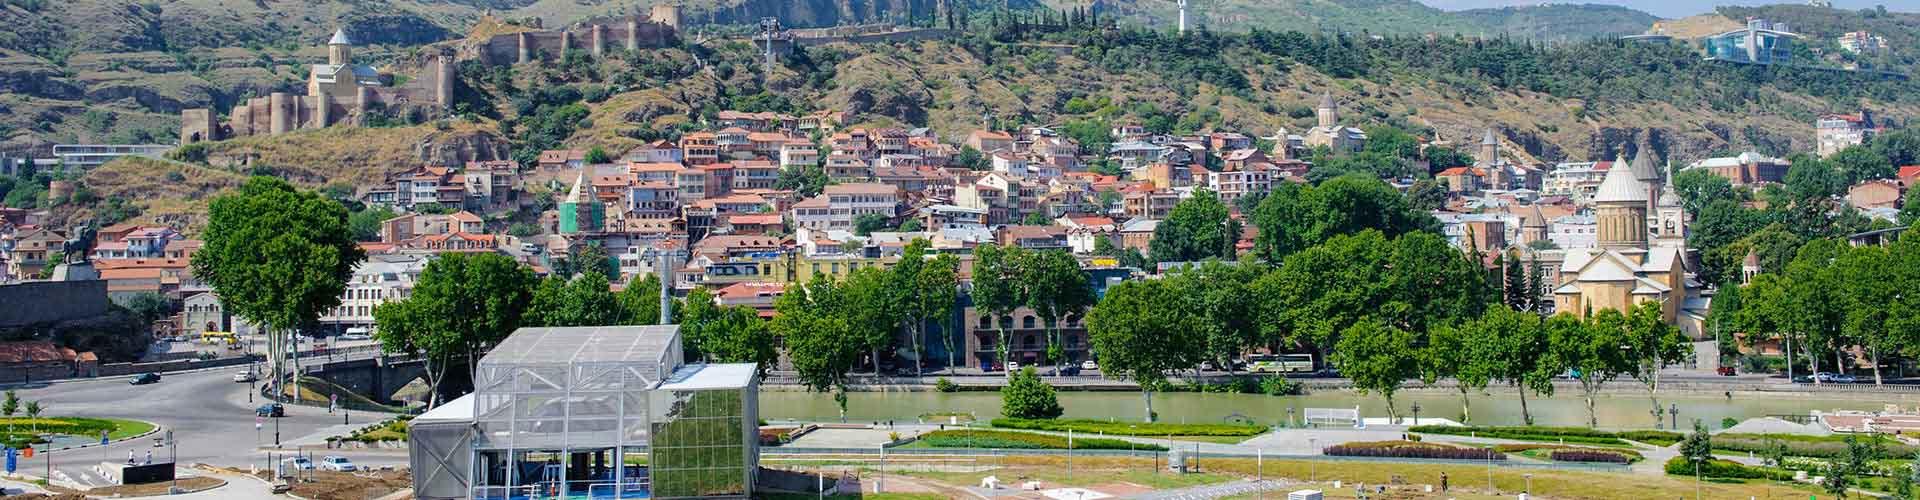 Tbilisi - Auberges de jeunesse à Tbilisi. Cartes pour Tbilisi, photos et commentaires pour chaque auberge de jeunesse à Tbilisi.